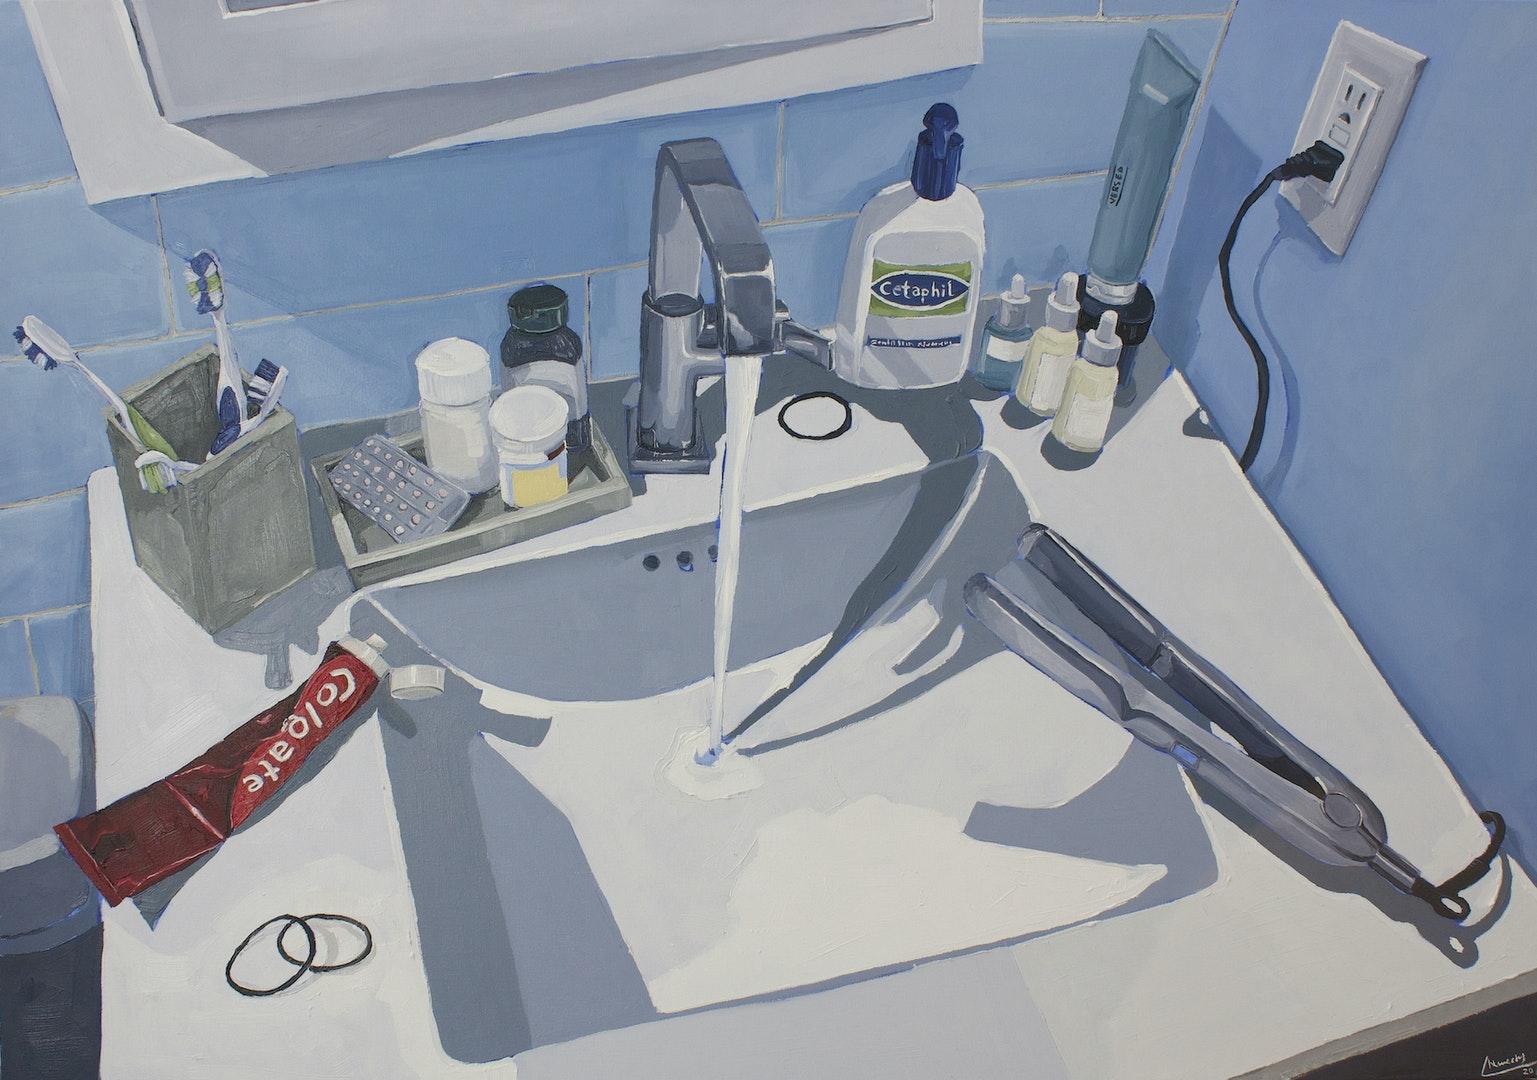 'Bathroom Sink', Chloe Chlumecky, Oil on canvas, 81 x 117 cm